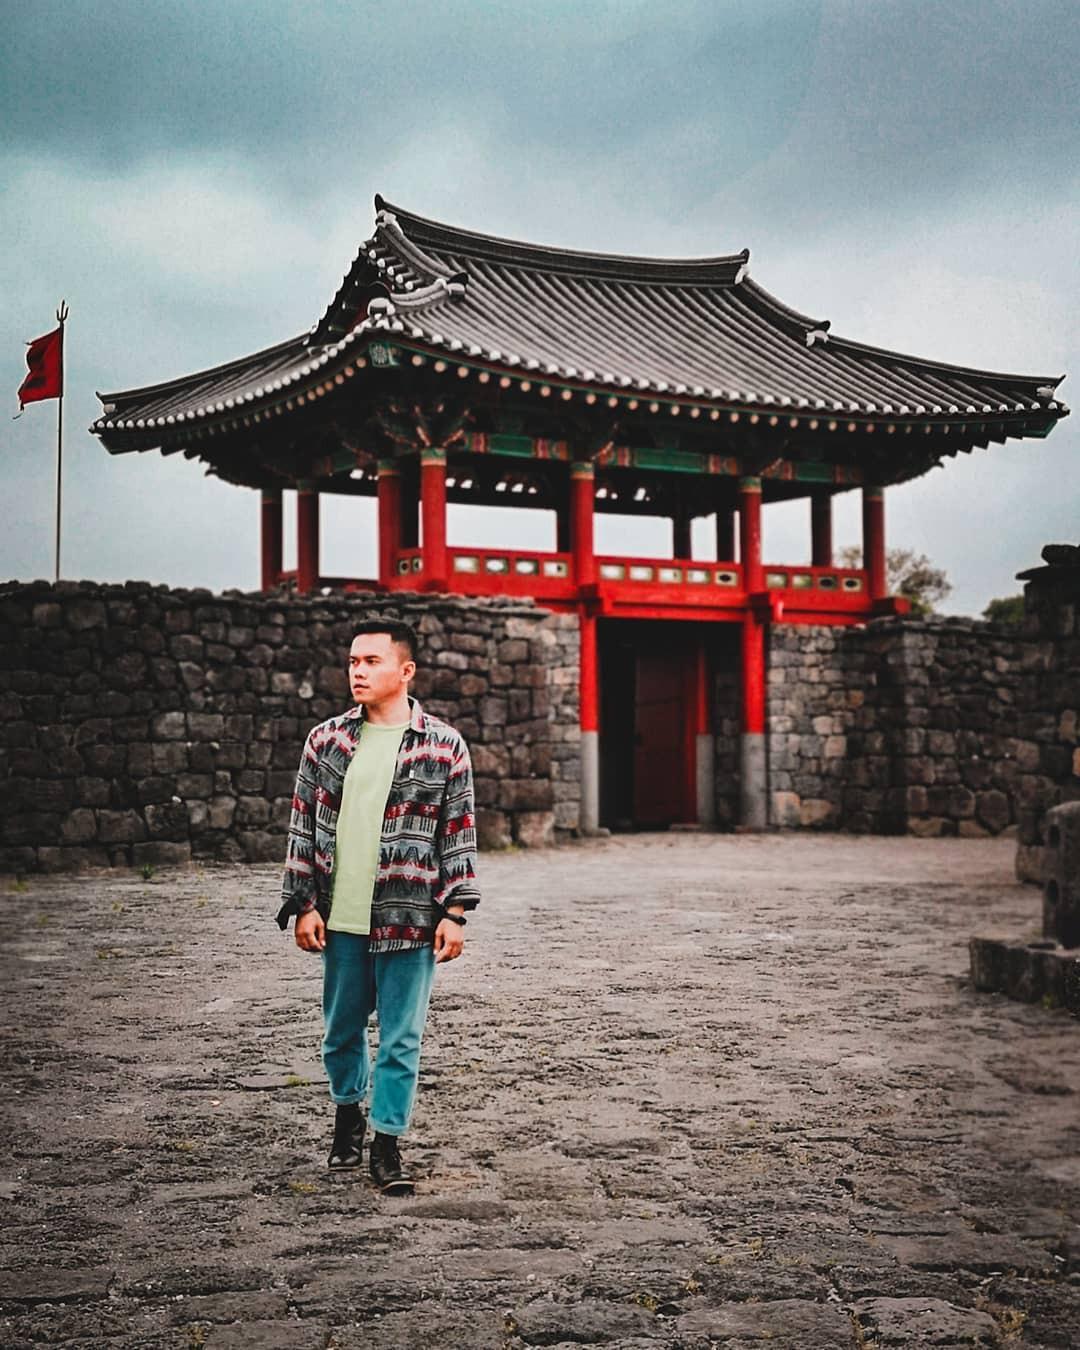 Thong thong khám phá văn hóa truyền thống tại 5 ngôi làng cổ đặc sắc nhất xứ Hàn - Ảnh 20.